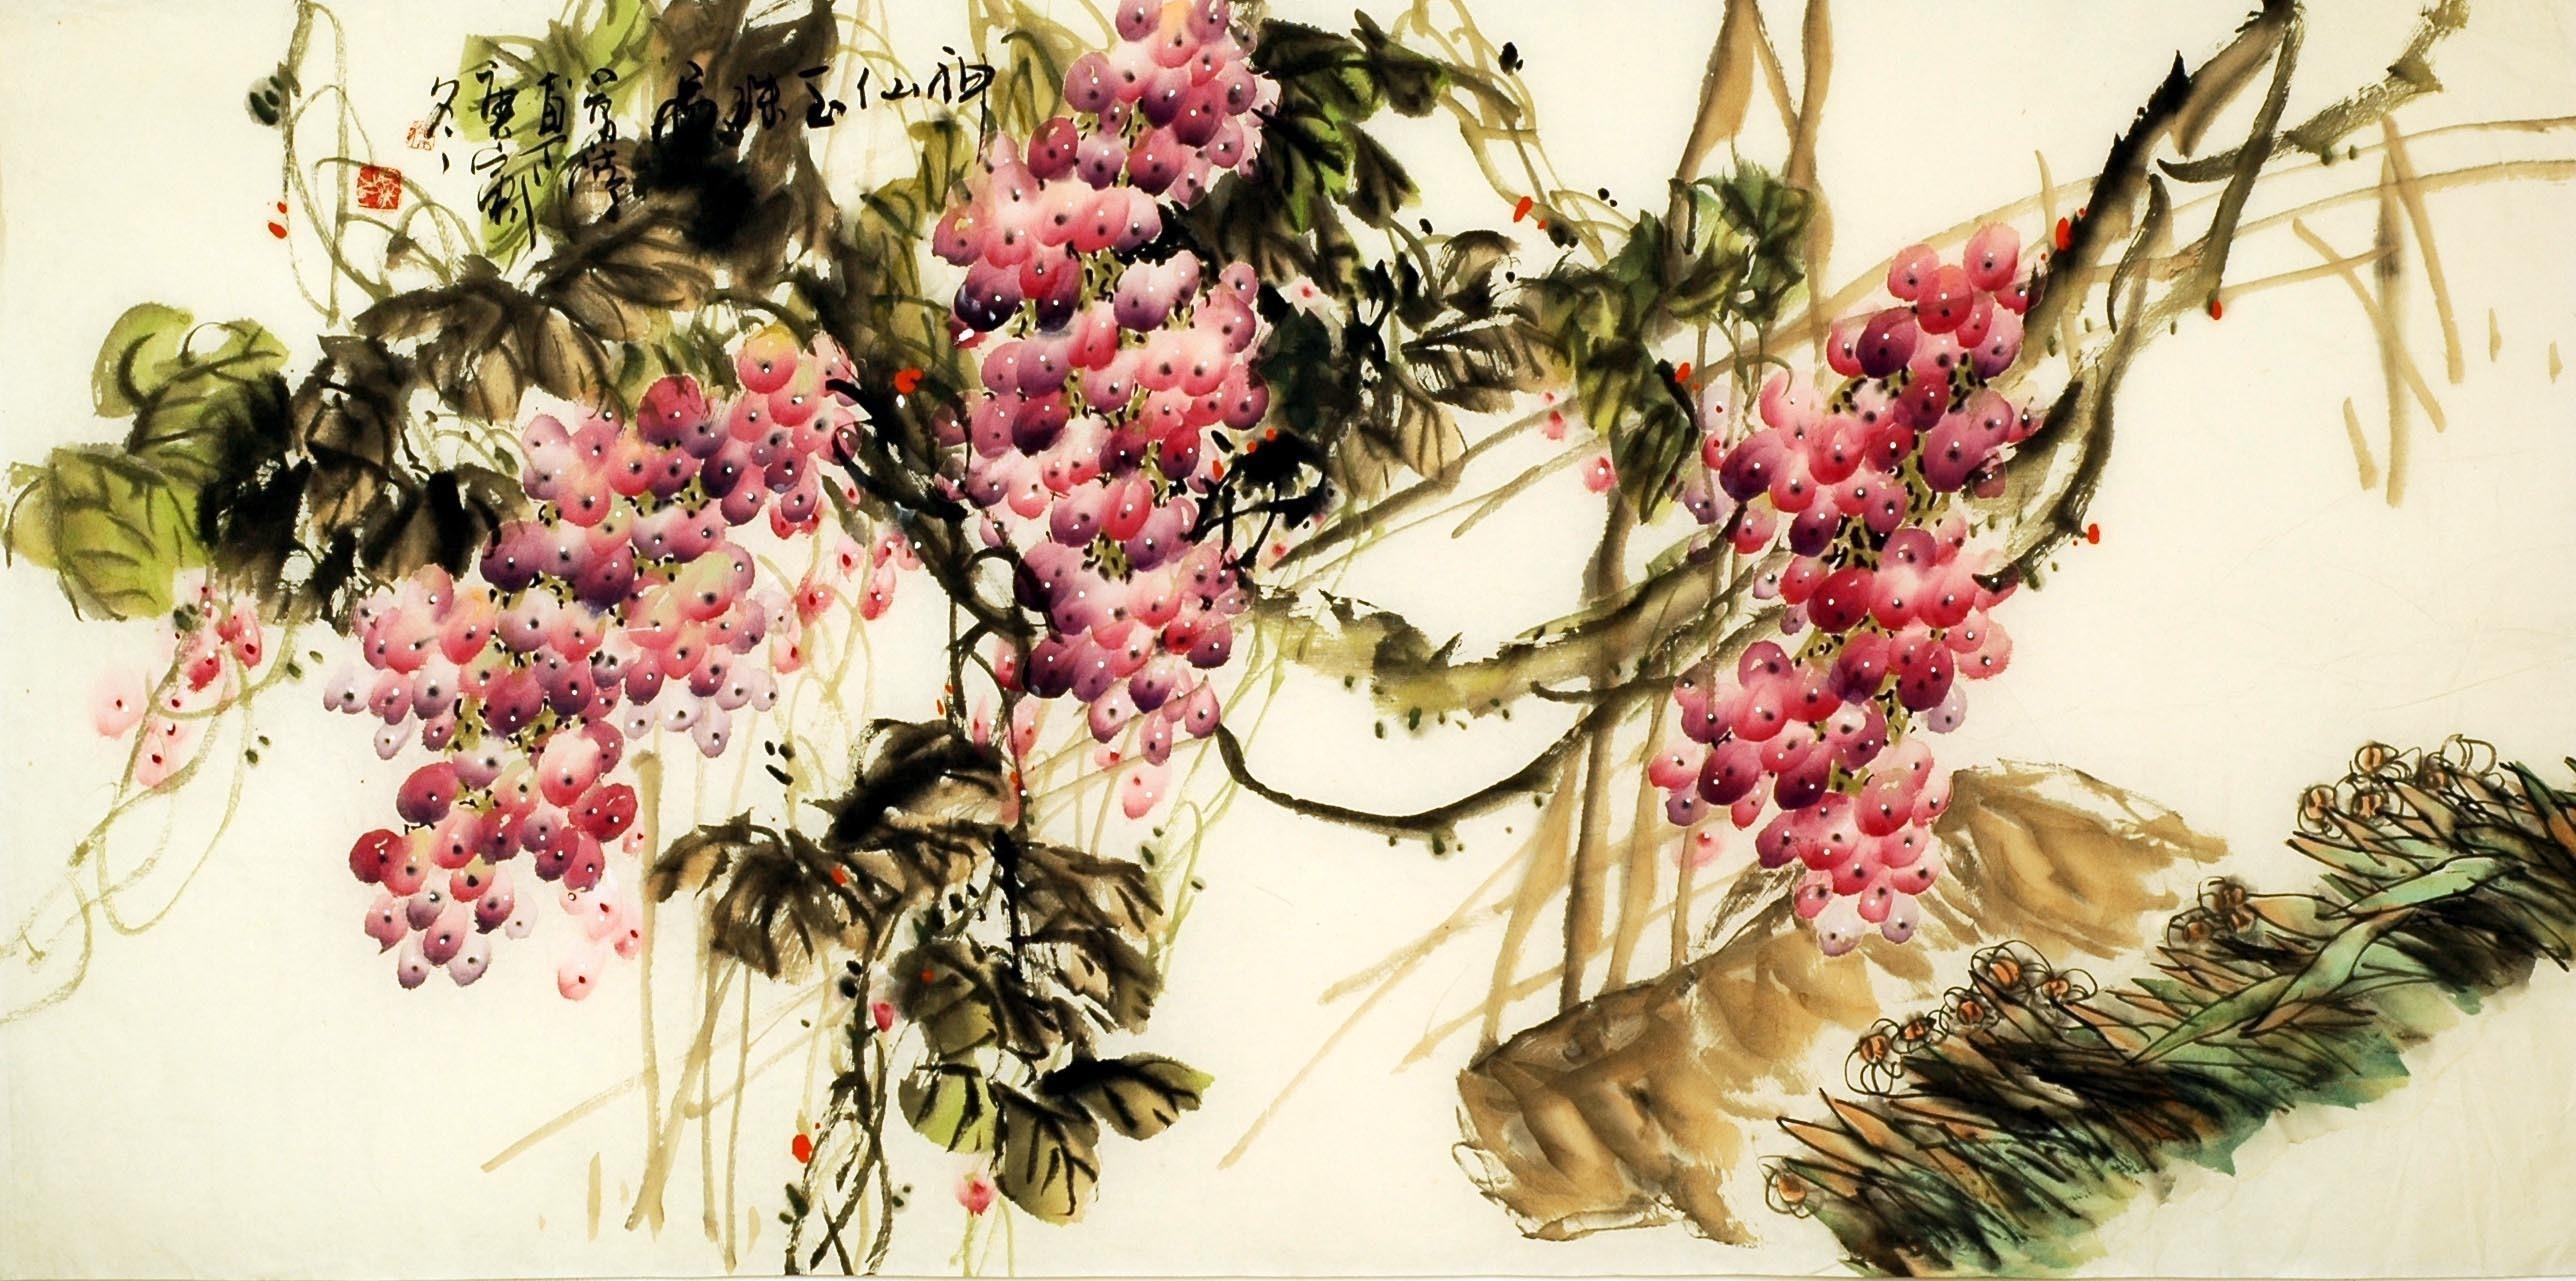 Chinese Grapes Painting - CNAG008869